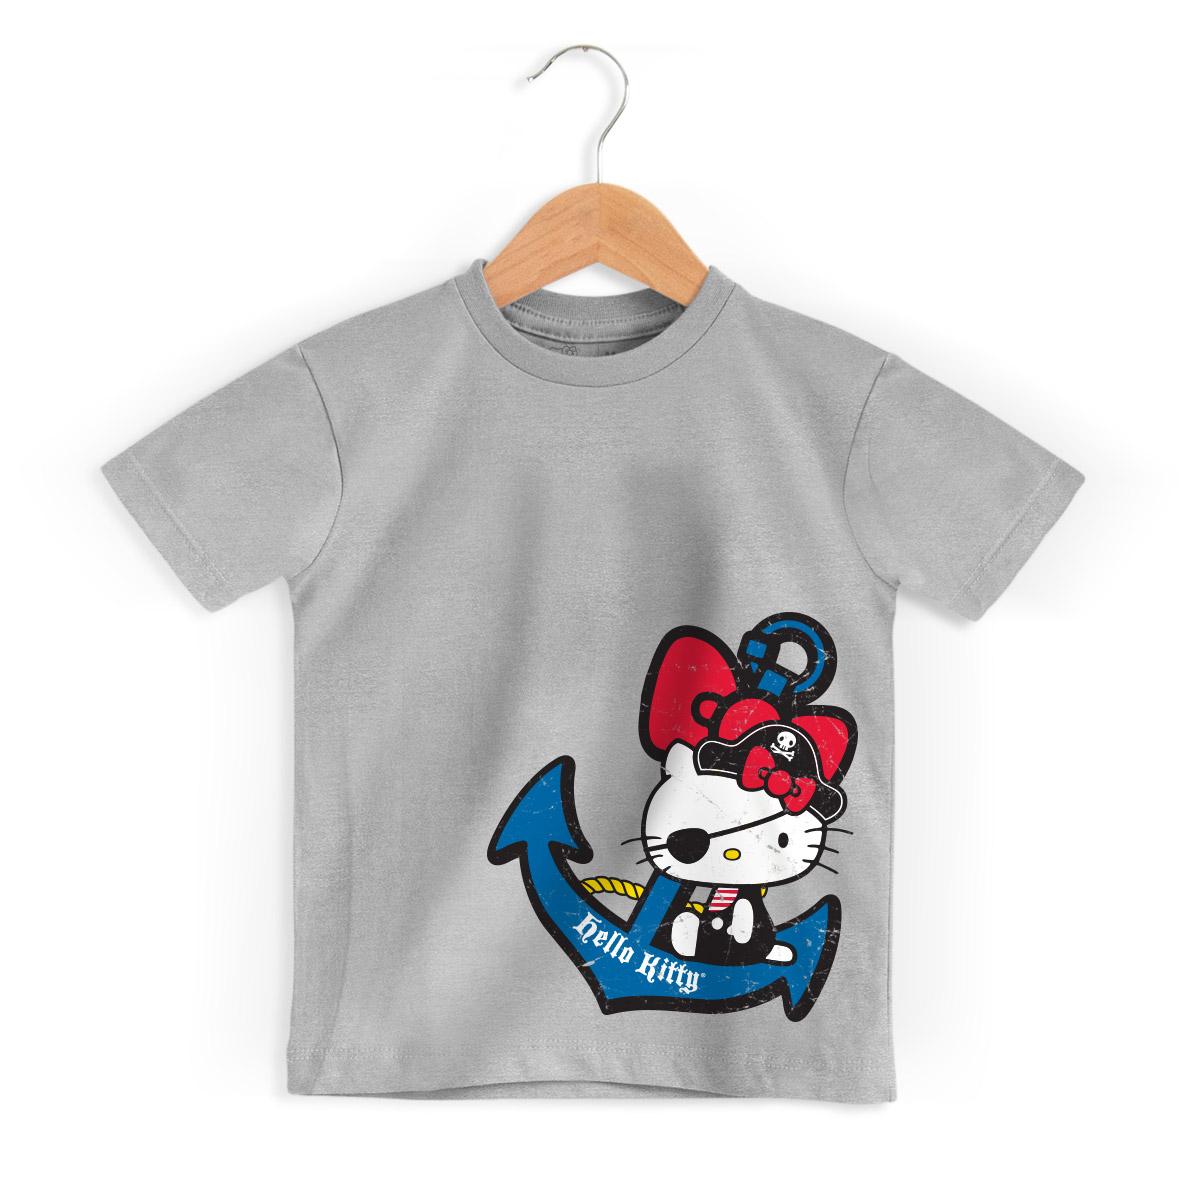 Camiseta Infantil Hello Kitty Pirate 2